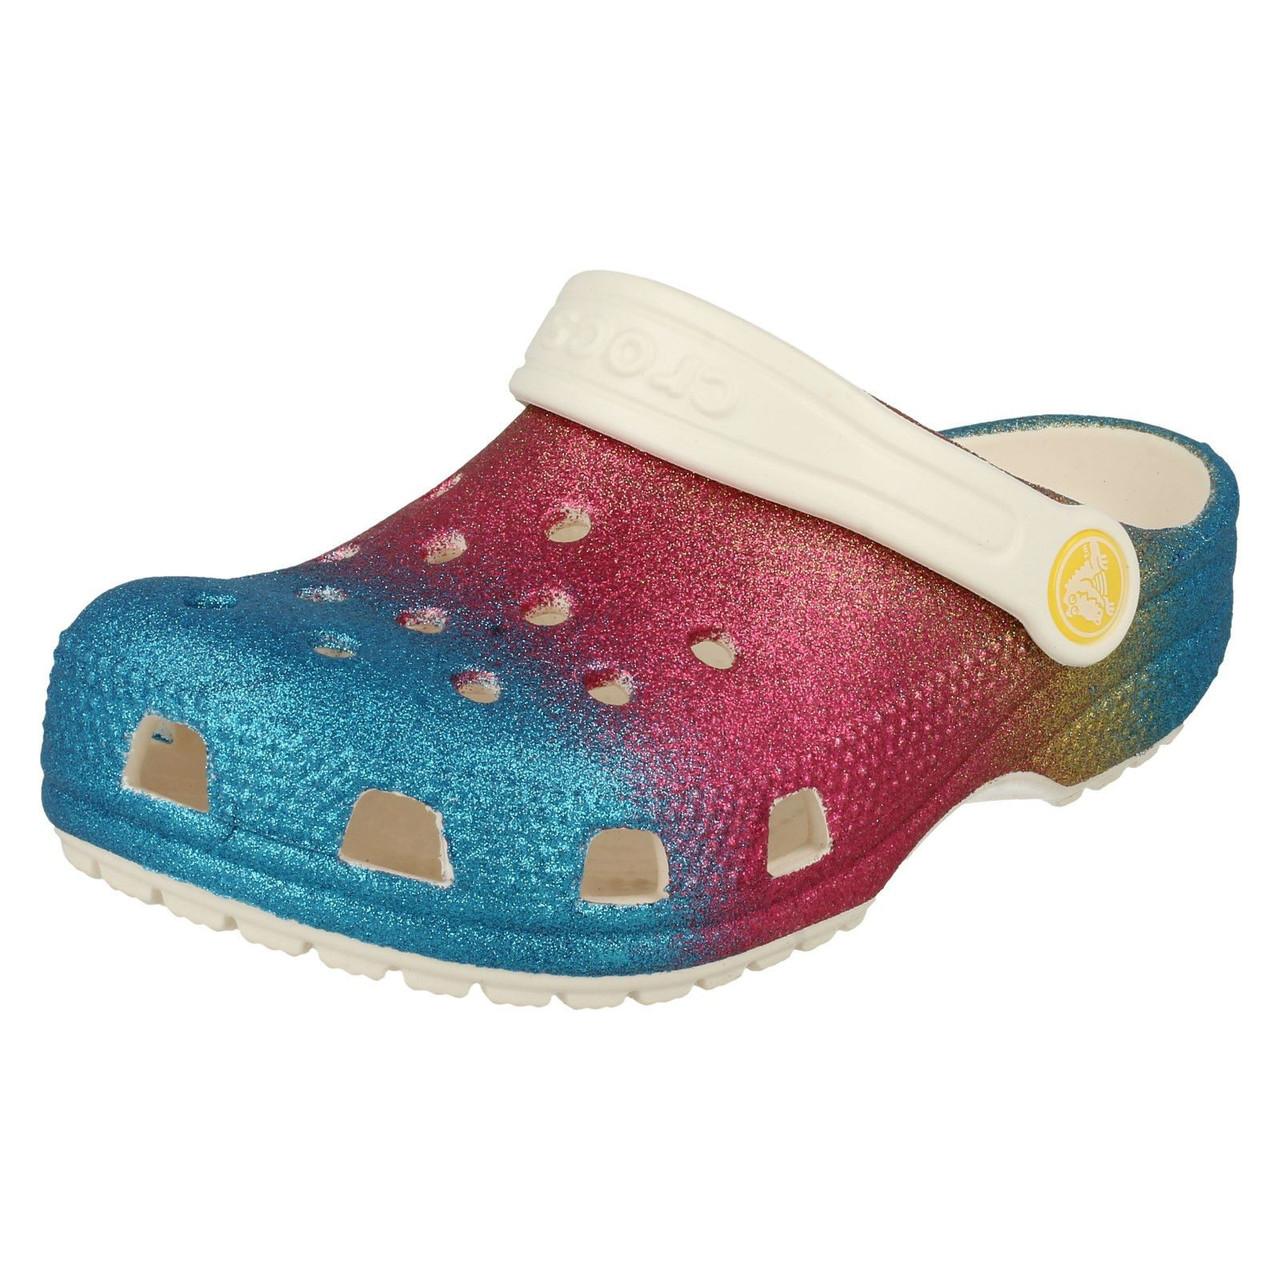 Girls Crocs Glitter Detailed Clog